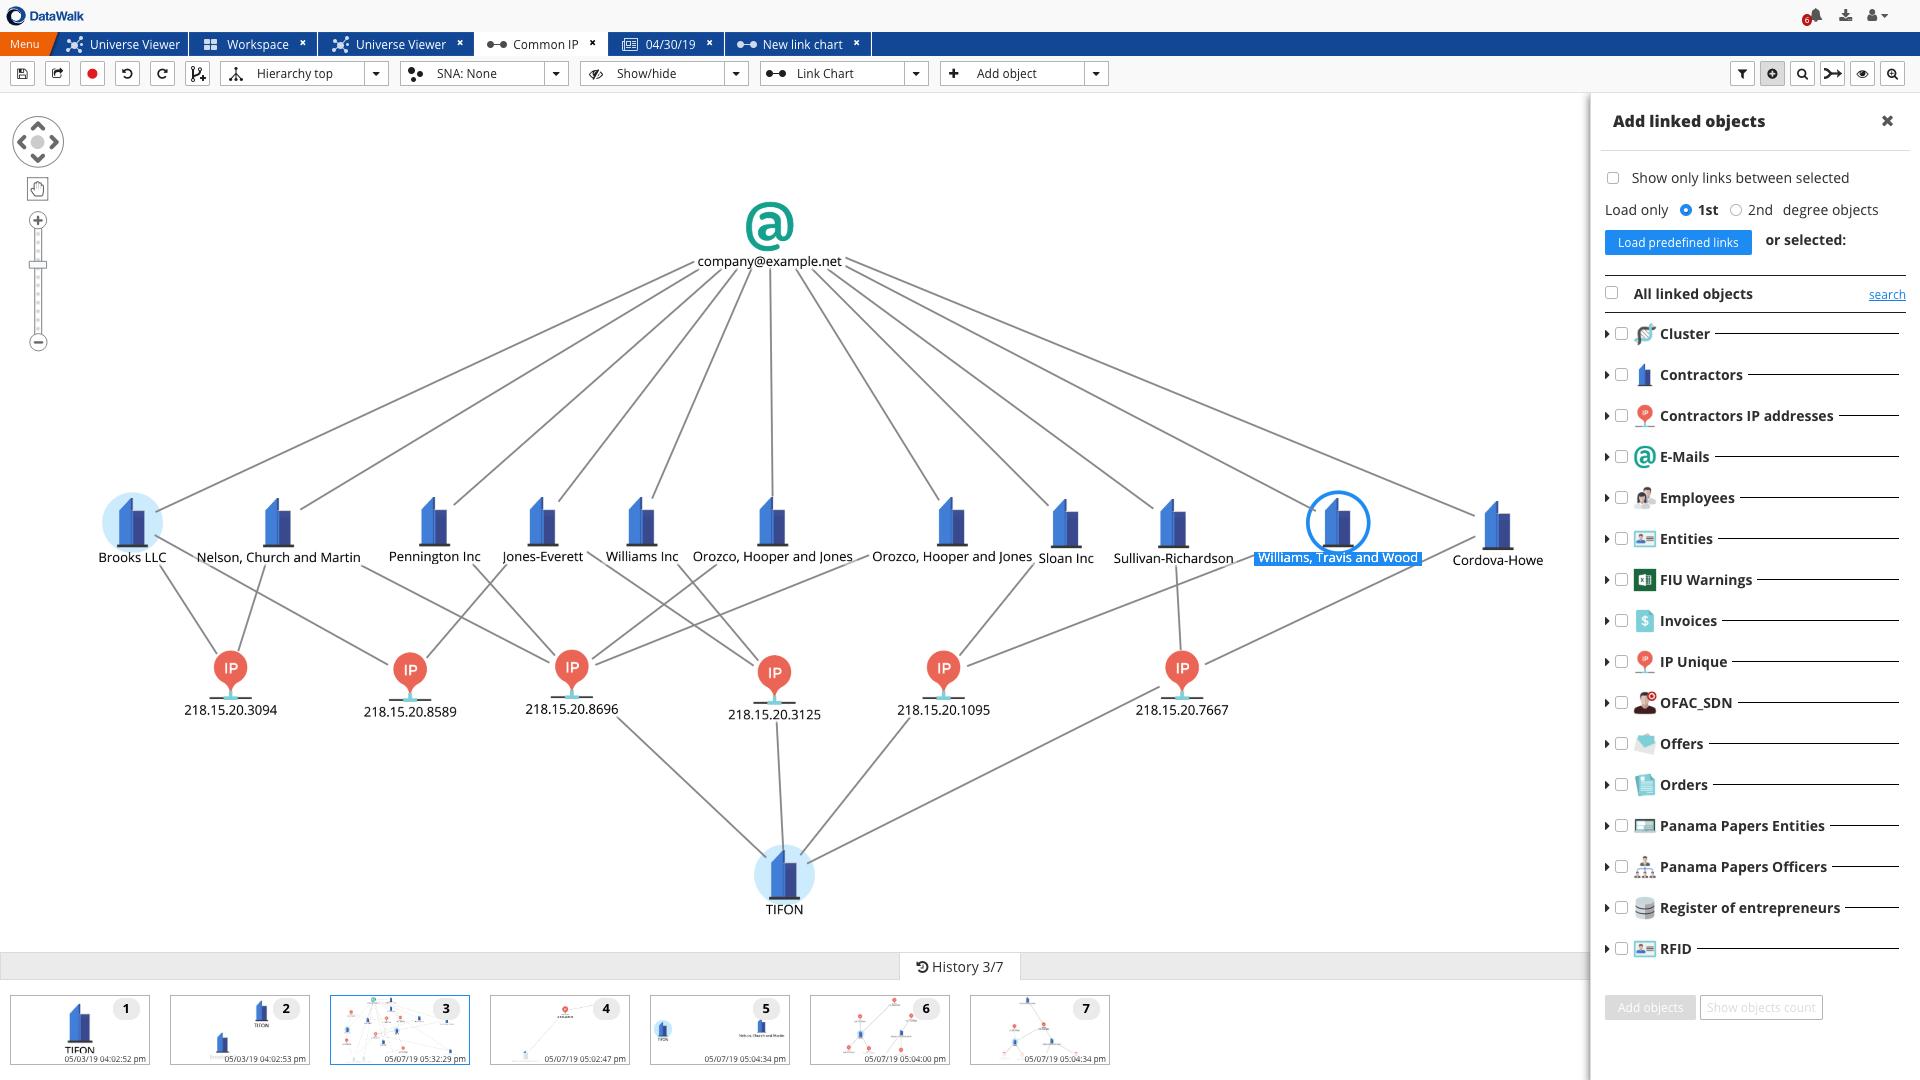 Screenshot 2019-05-07 at 17.34.20